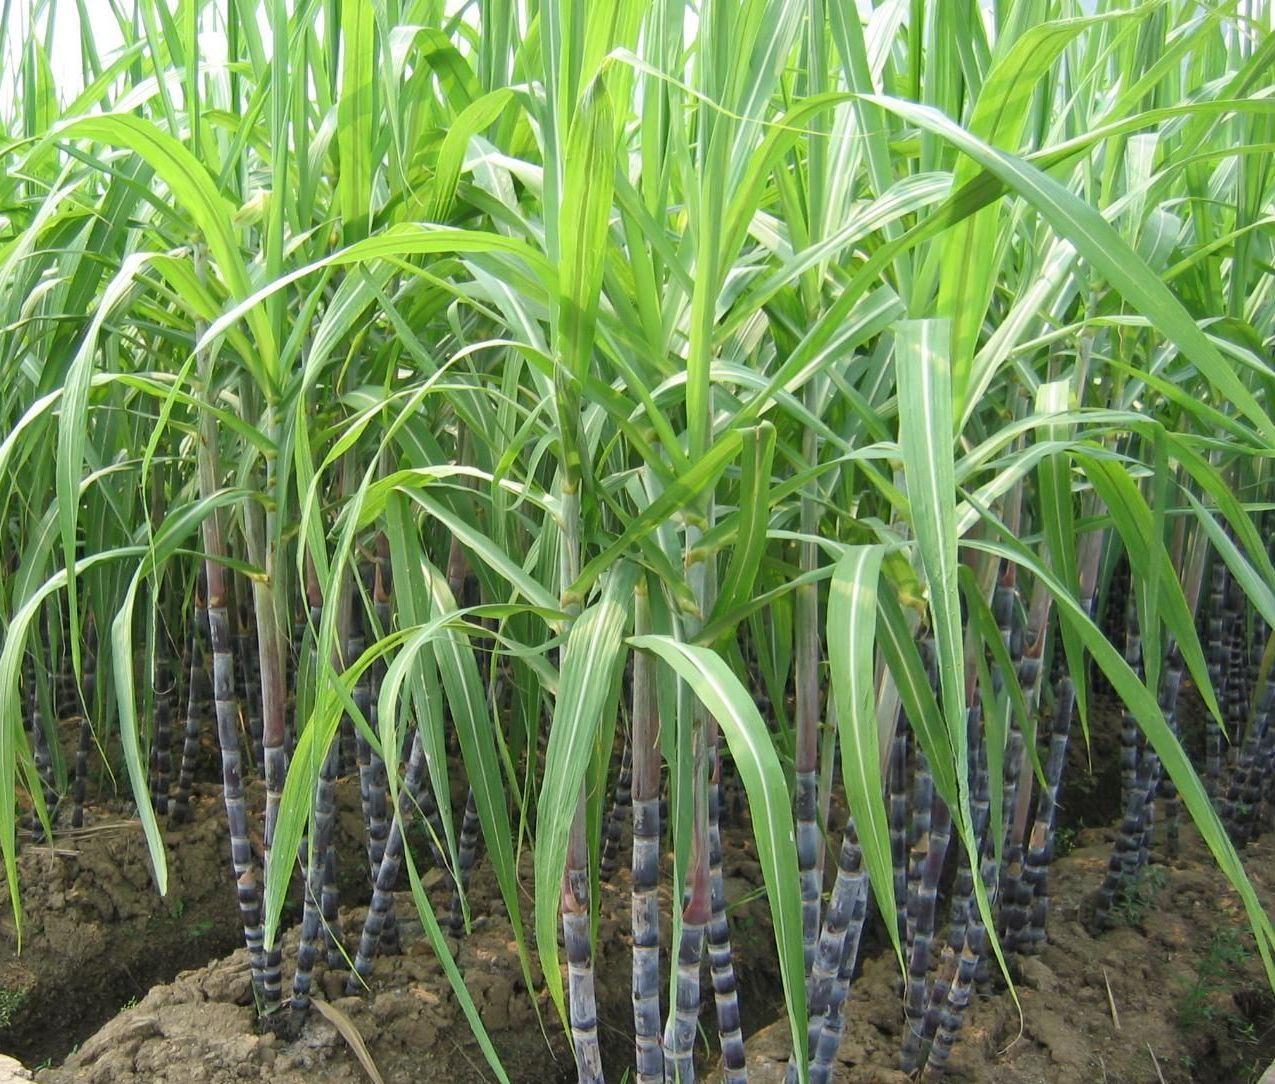 ky thuat trong mia de co nang suat cao trong vu thu hoach 1 - Kỹ thuật trồng mía để có năng suất cao trong vụ thu hoạch